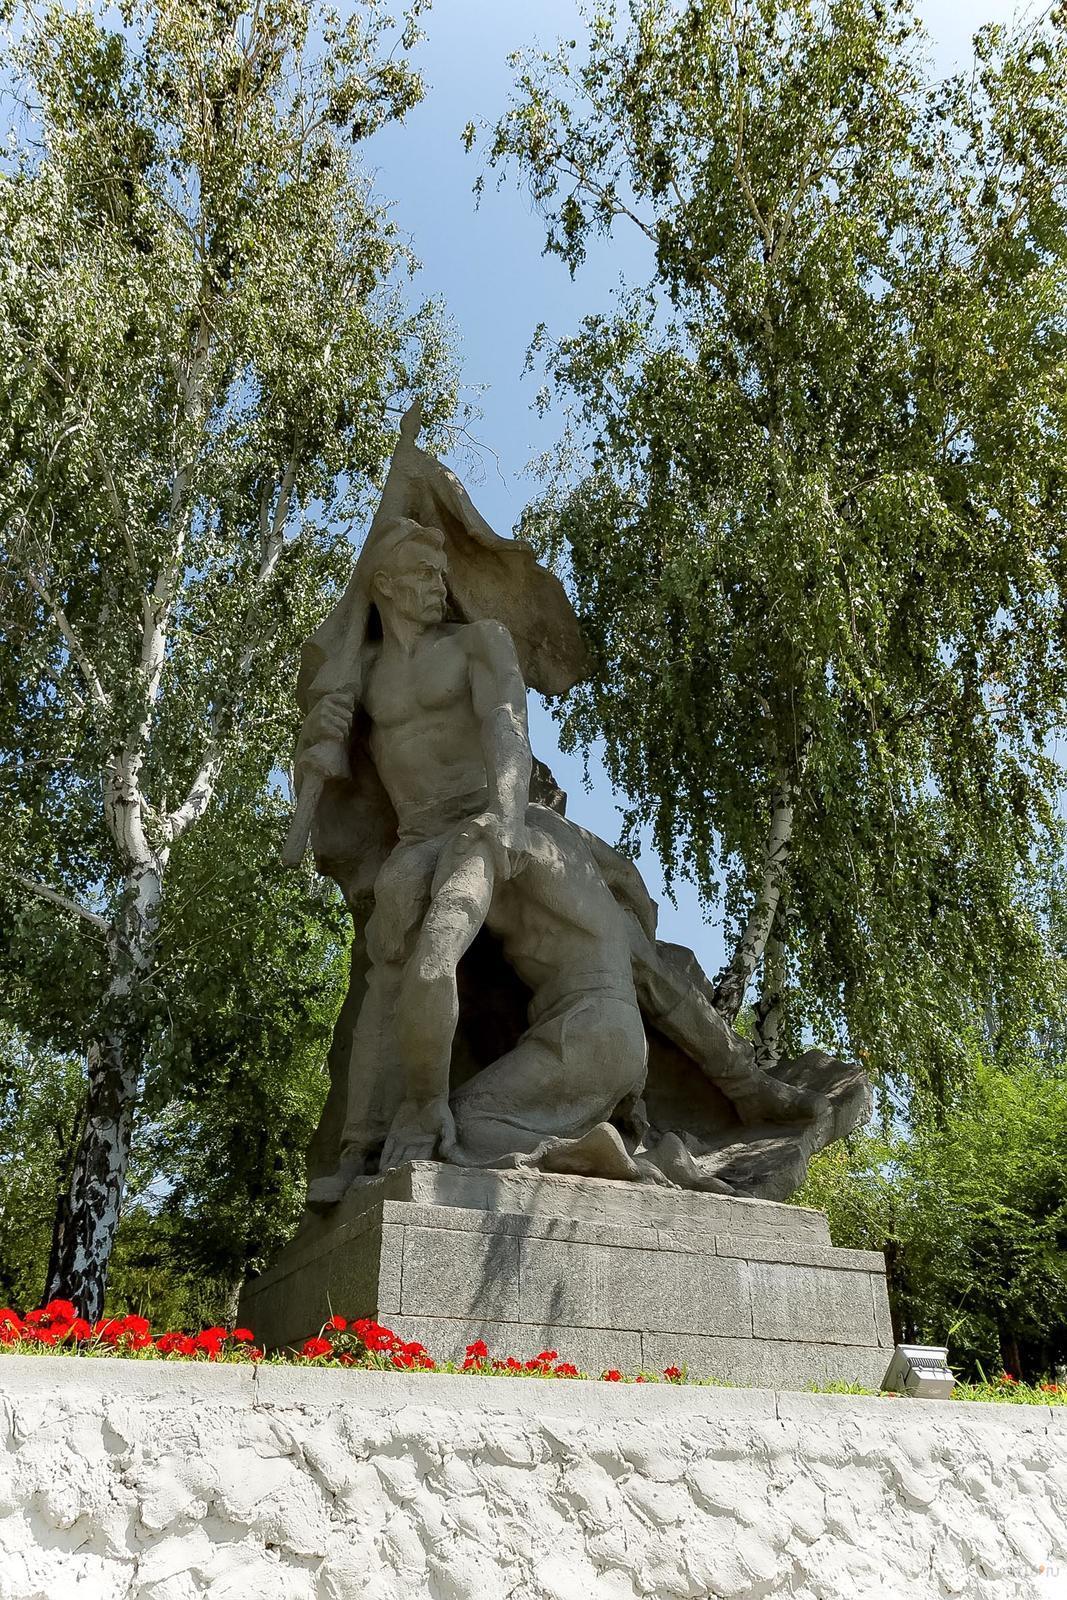 Фото №858397. Скульптурная группа: знаменосец и тяжело раненный солдат